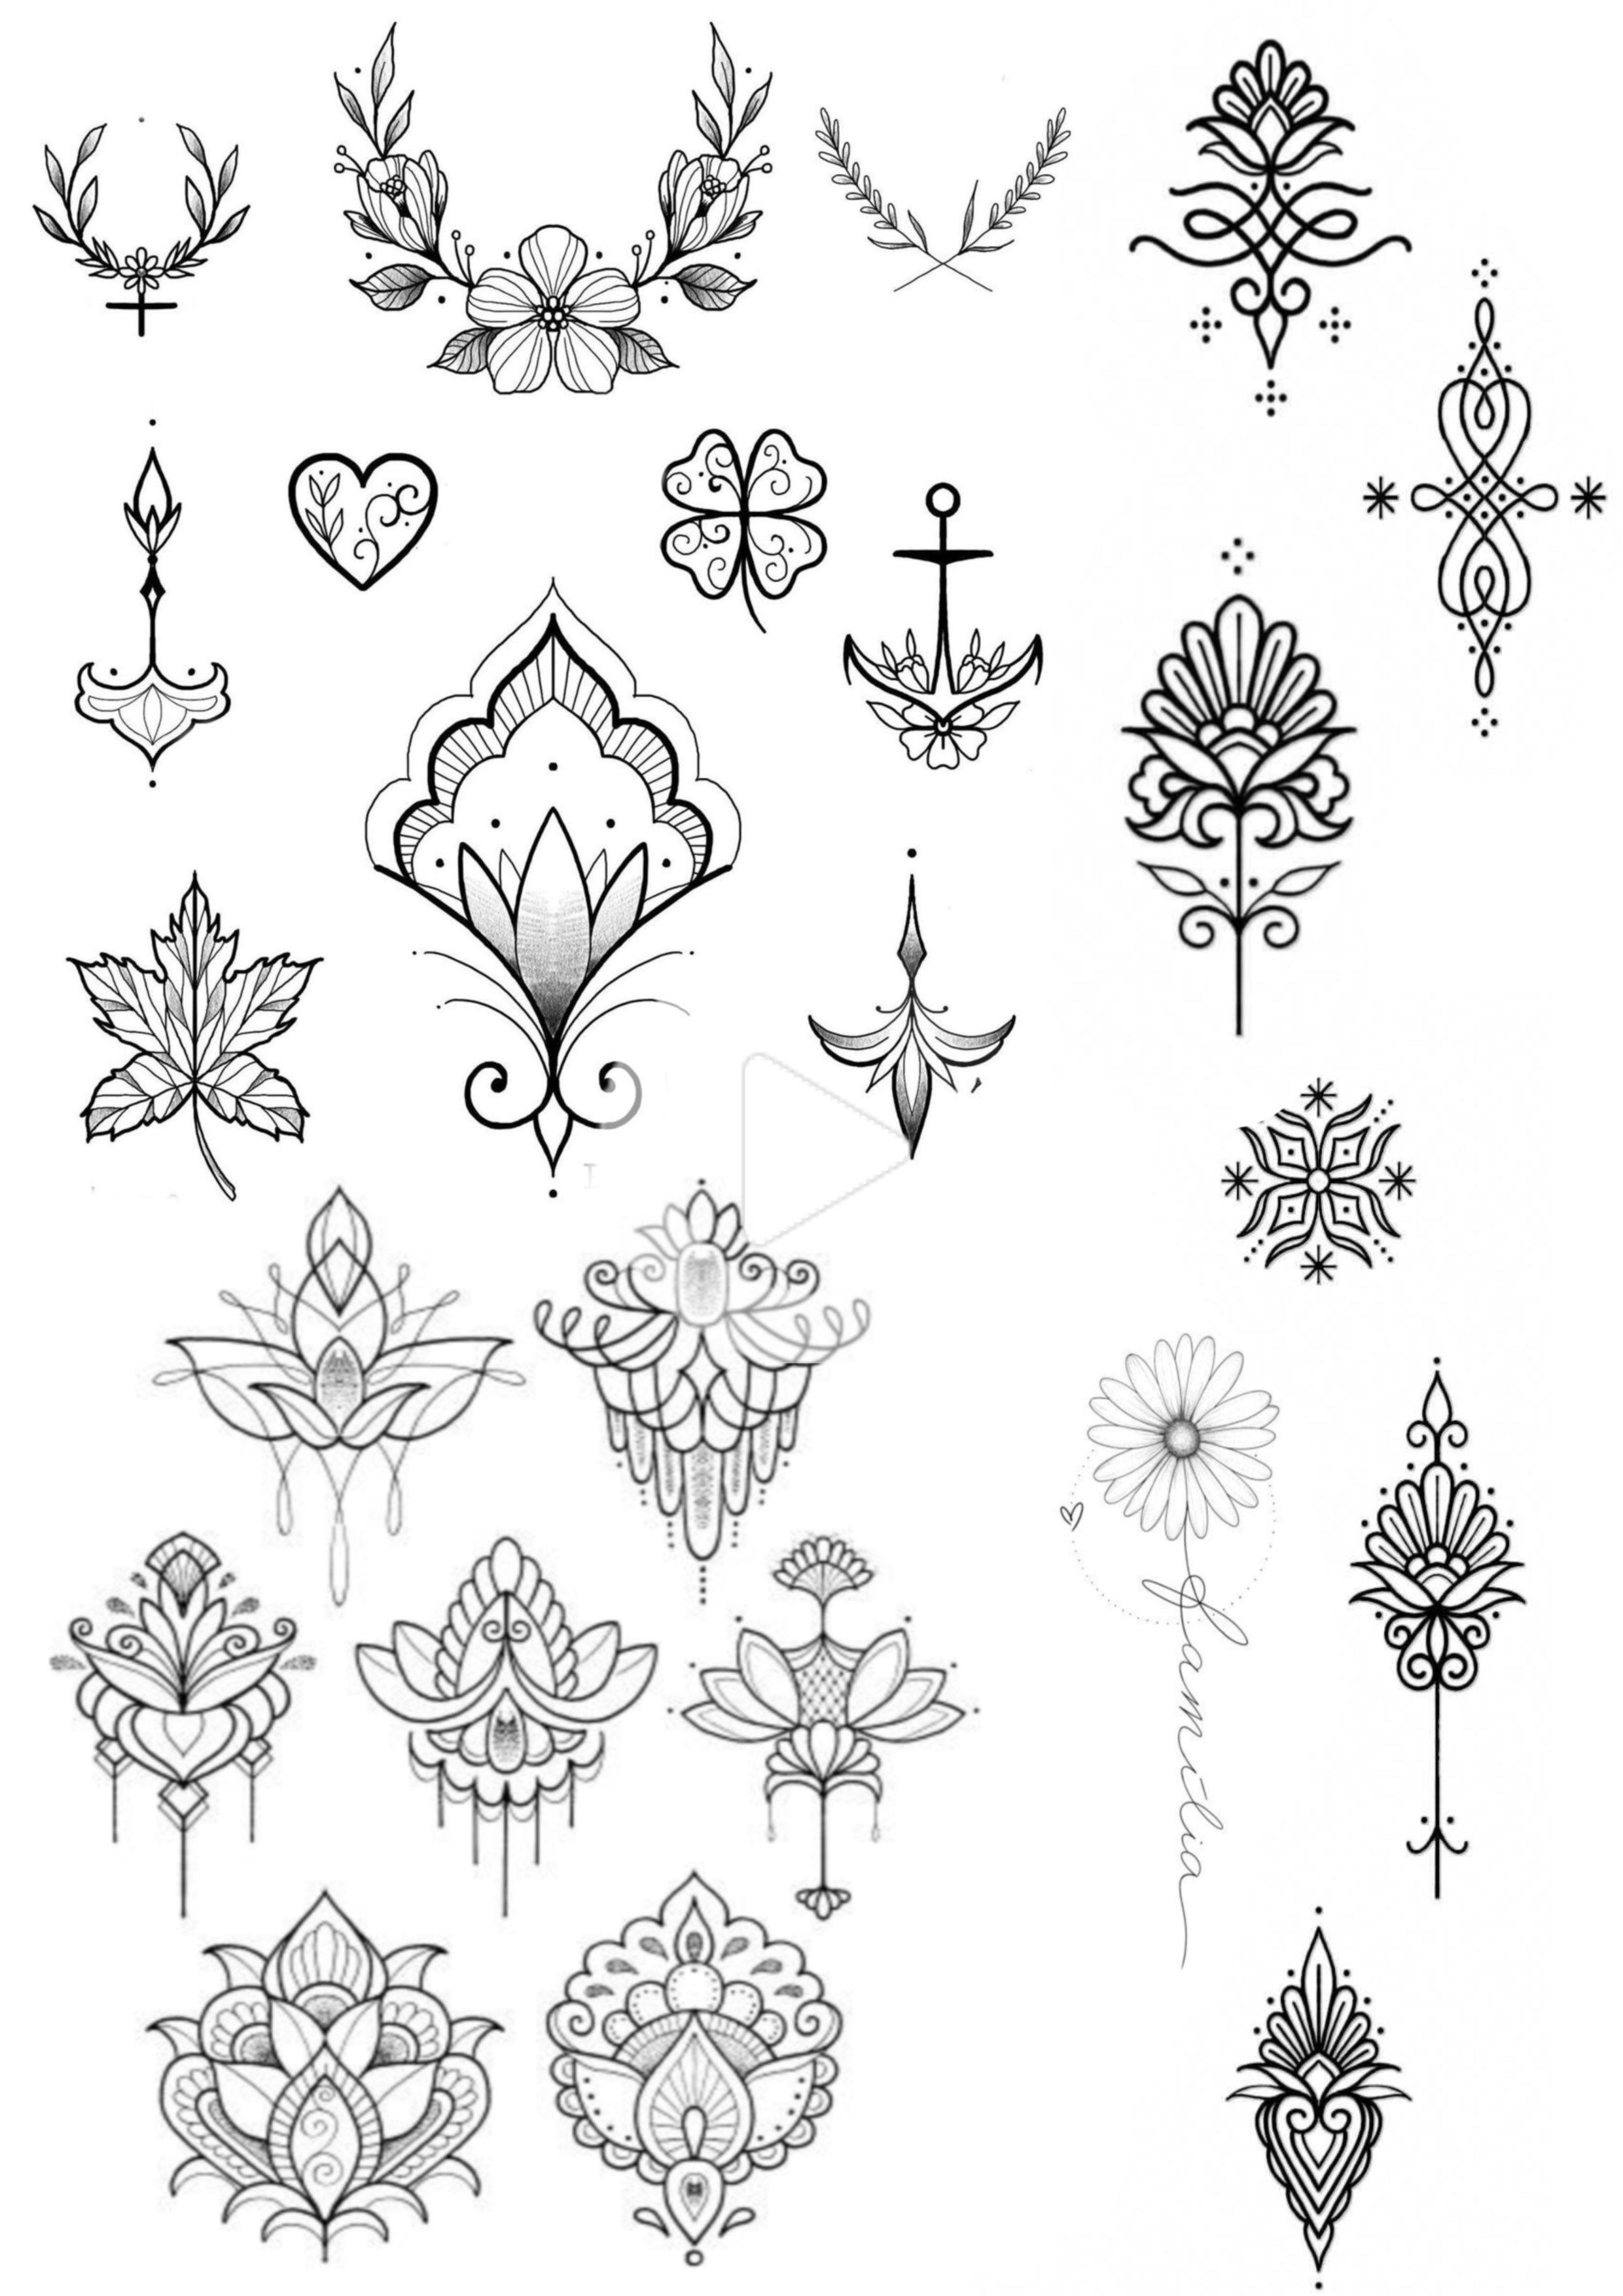 46+ Dessin de tatouage femme ideas